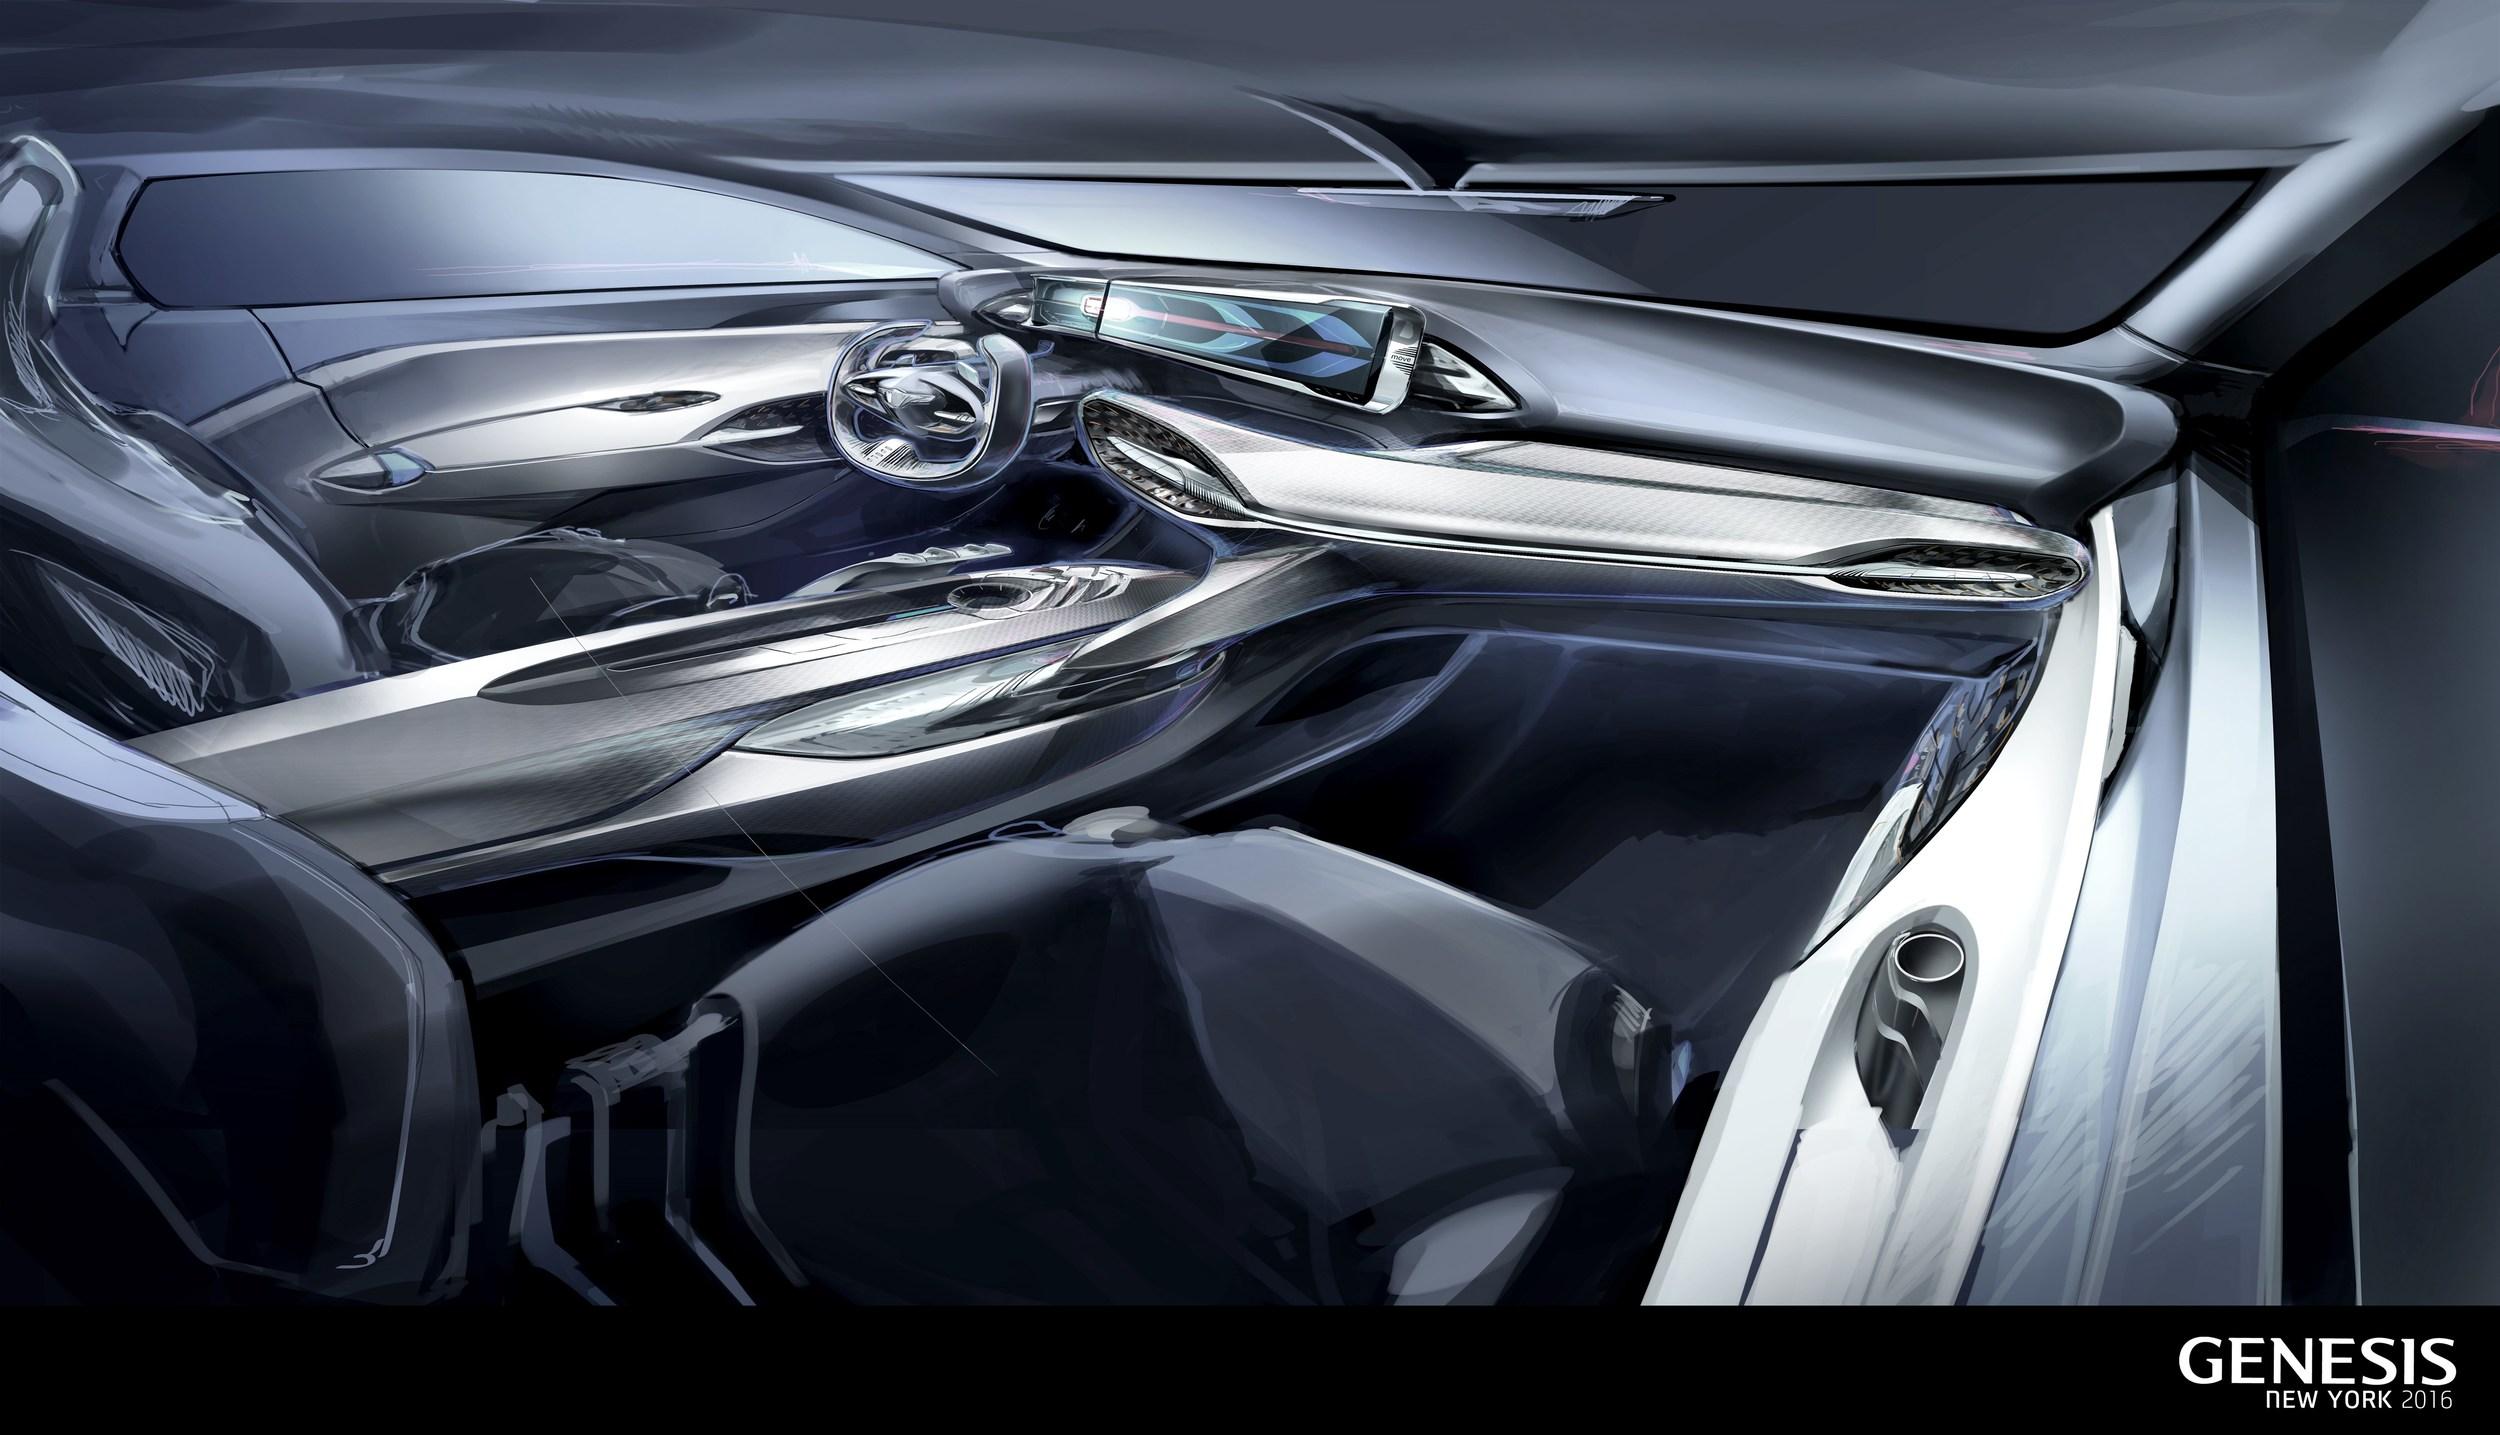 2016 Hyundai Genesis Coupe >> Genesis Motors Confirms G70 Sedan, G70 Coupe, Two Luxury SUVs - autoevolution